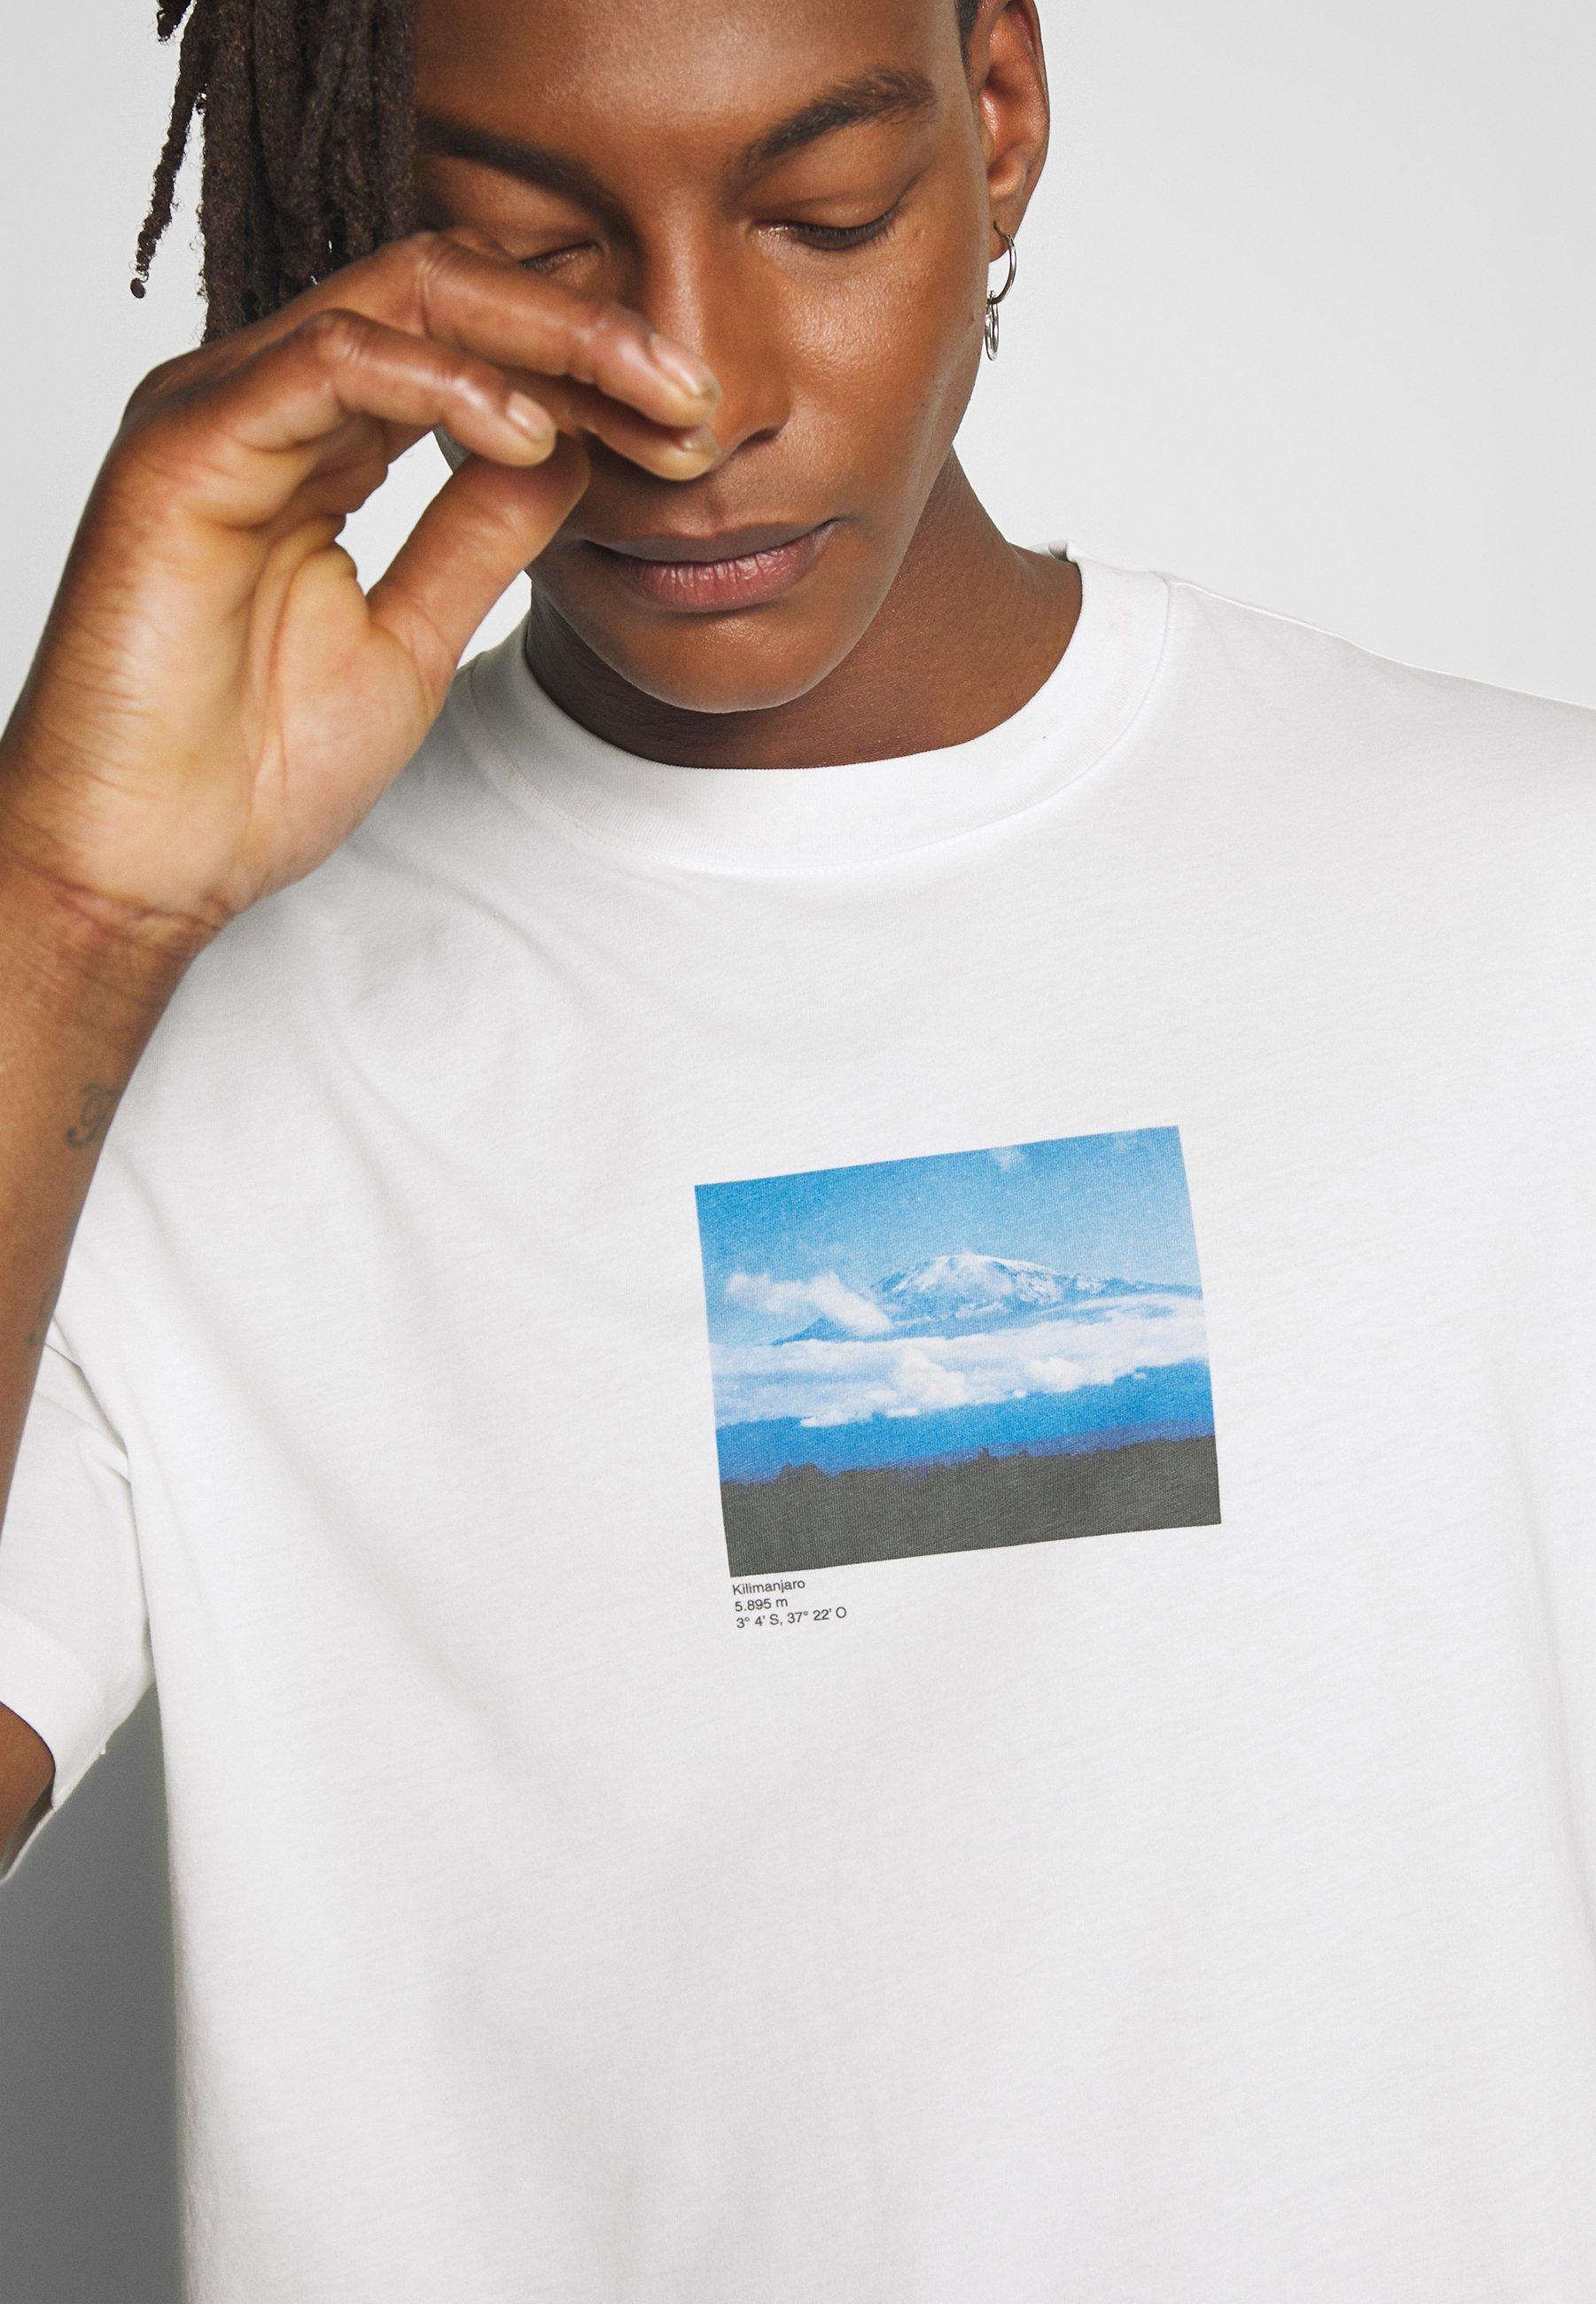 Niesamowita cena Gorąca wyprzedaż CLOSED T-shirt z nadrukiem - ivory | Odzież męska 2020 xjObV